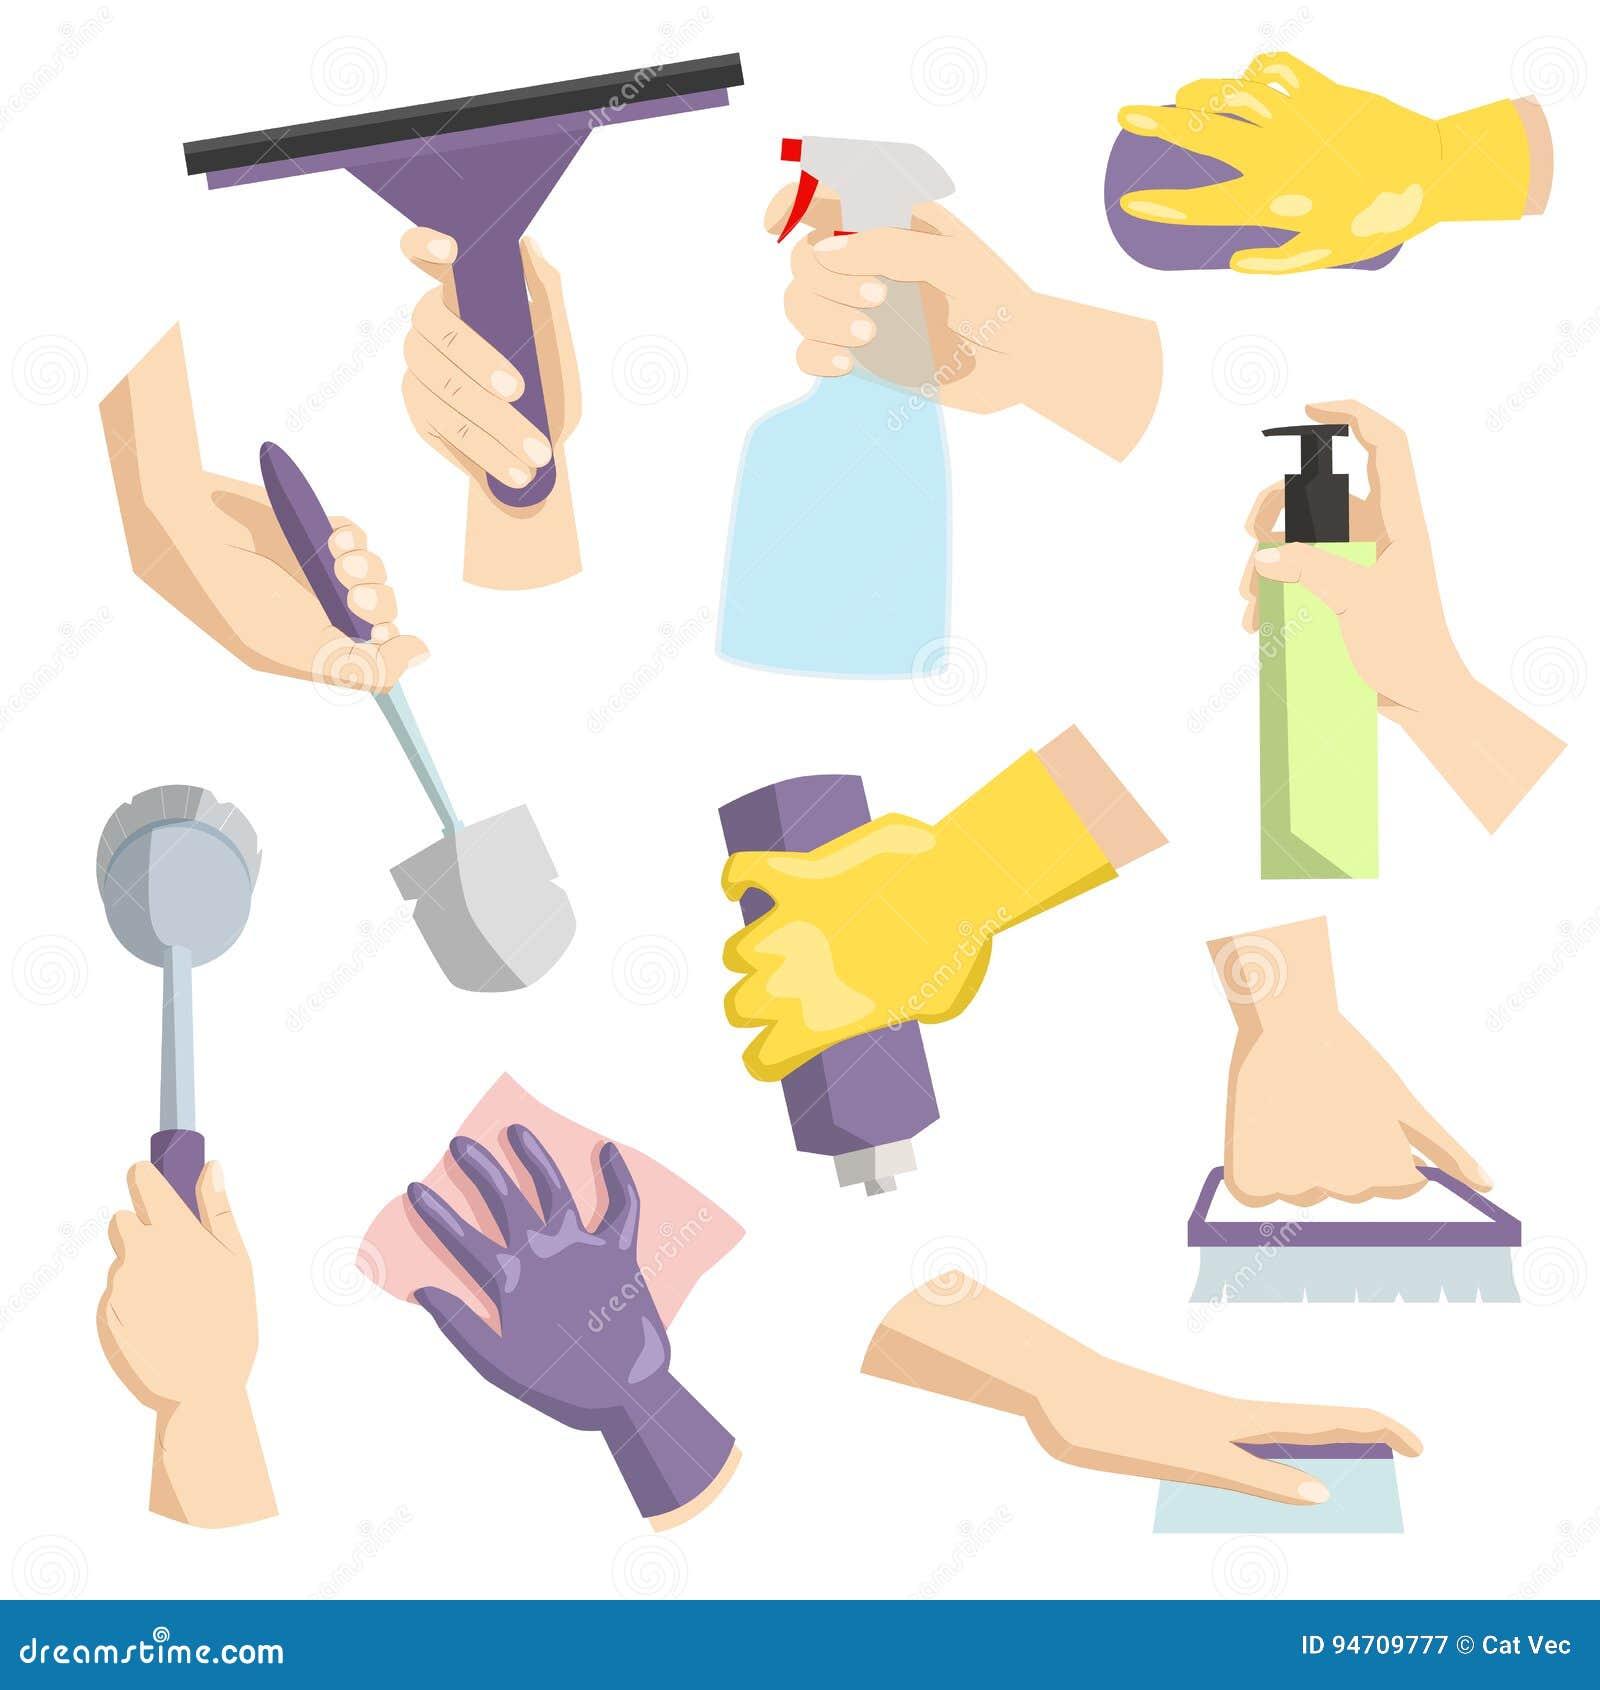 Czyści narzędzia w gospodyni domowej pakuje wręczają perfect dla sprzątania i domowa higieny kitchenware cleaning usługa